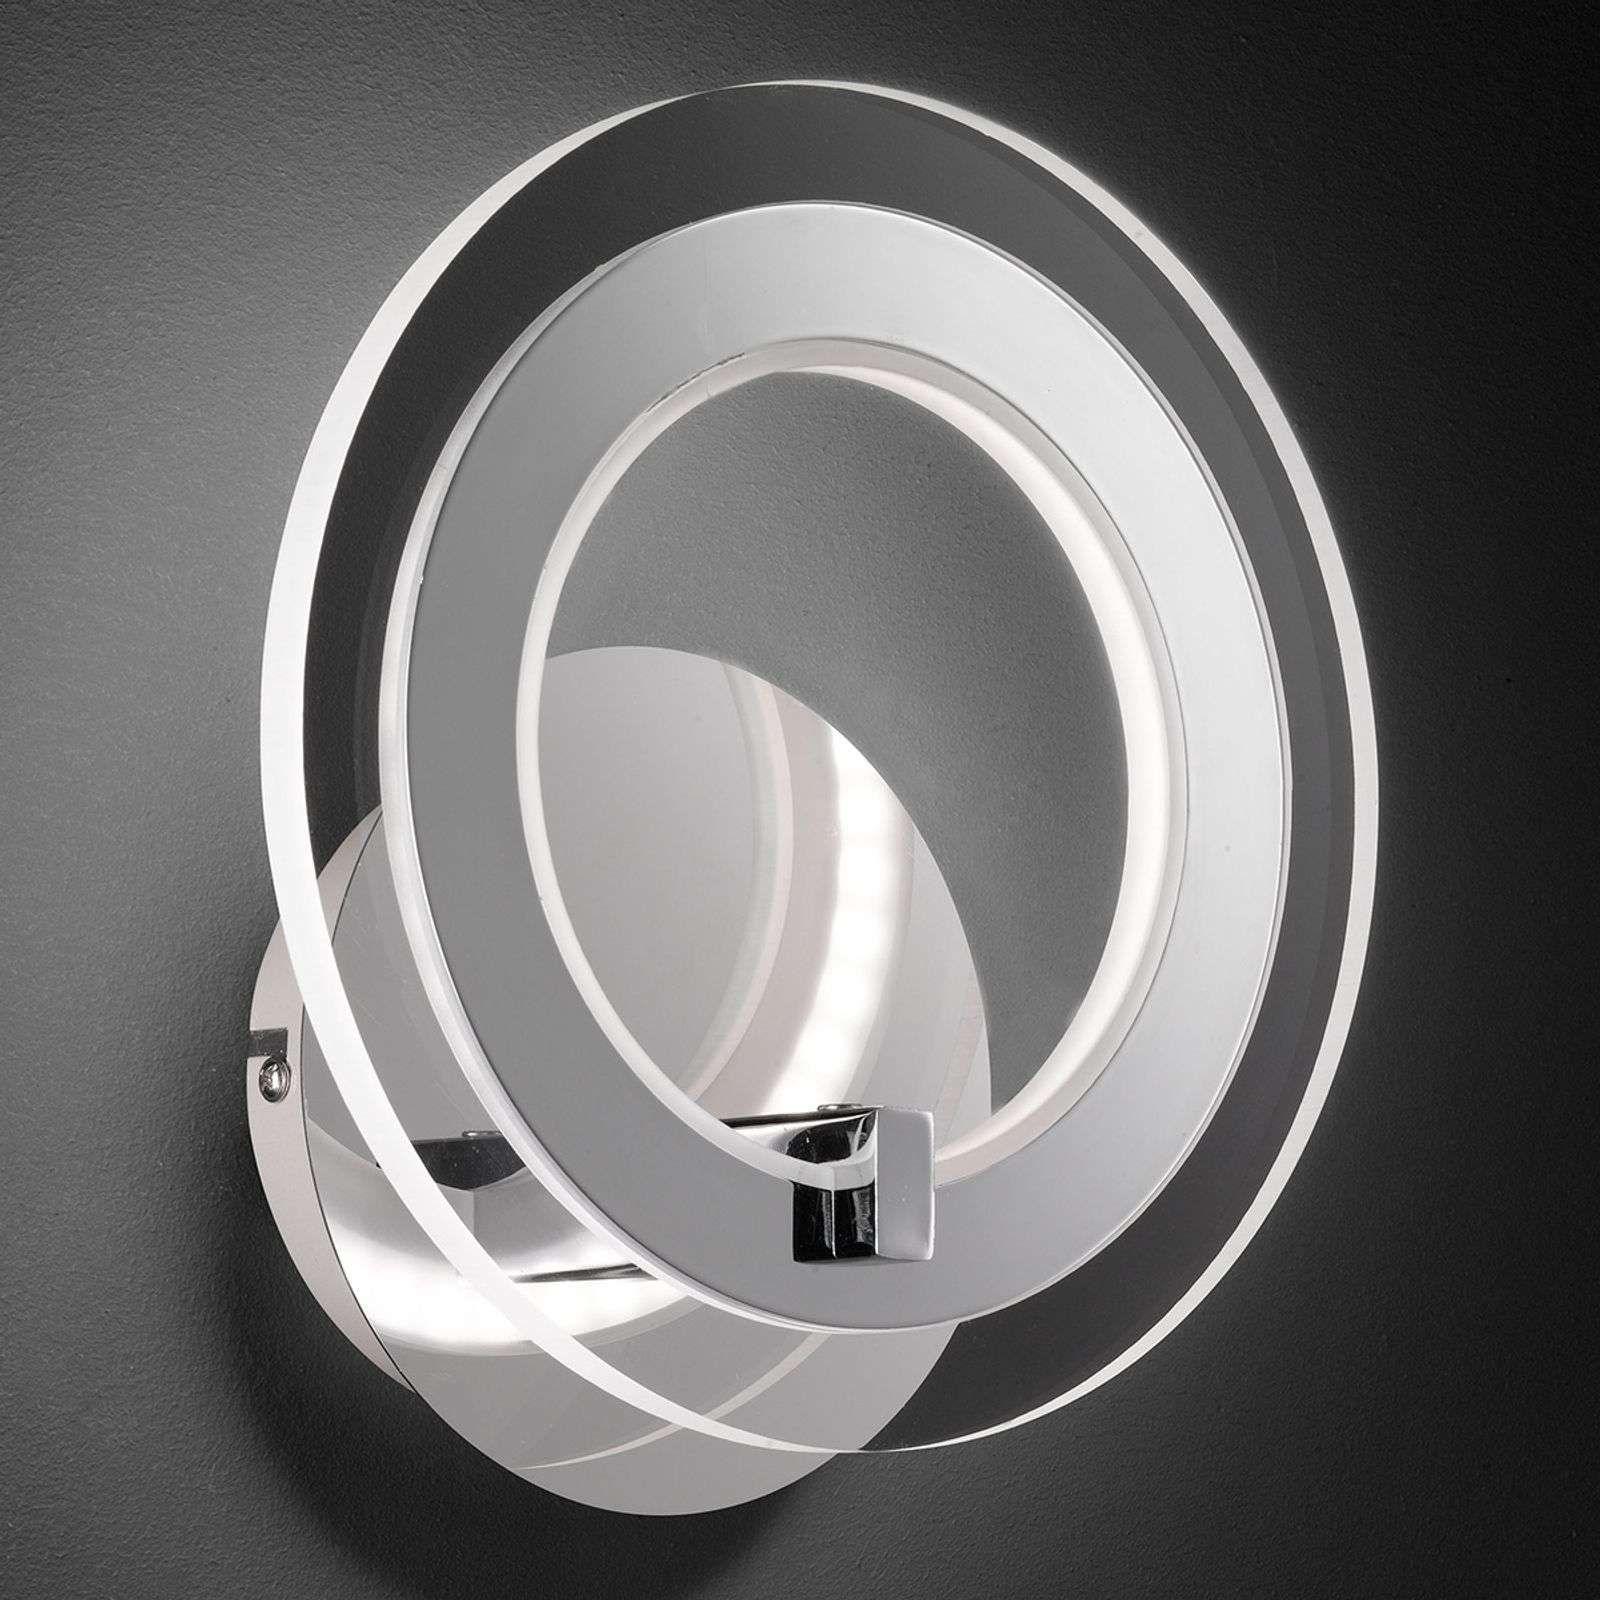 Applique Led Ronde Noemi In 2020 Wandlamp Led Moderne Lampen